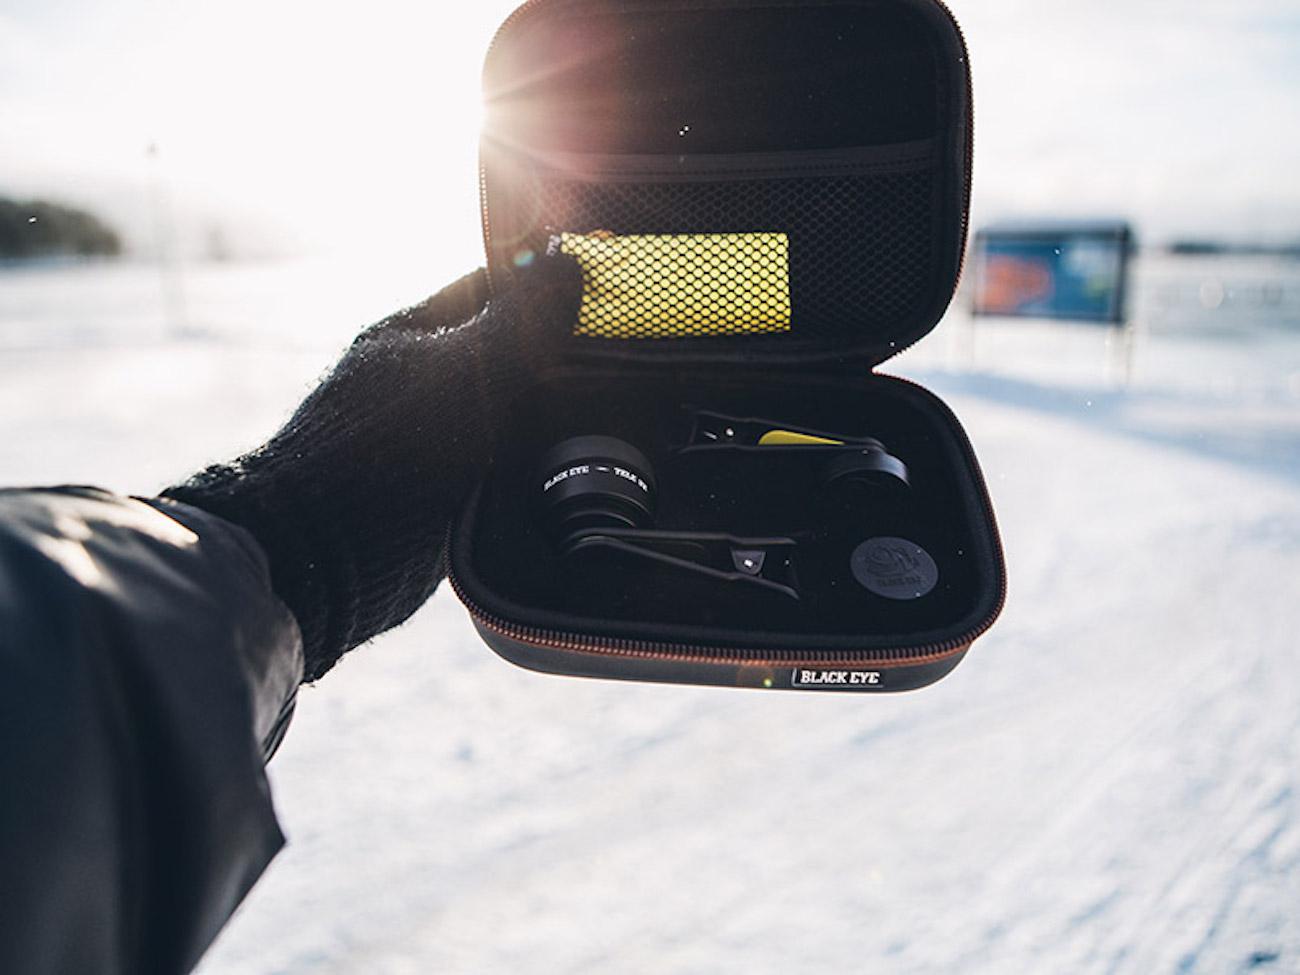 Black Eye Pro Kit Smartphone Lens Clips